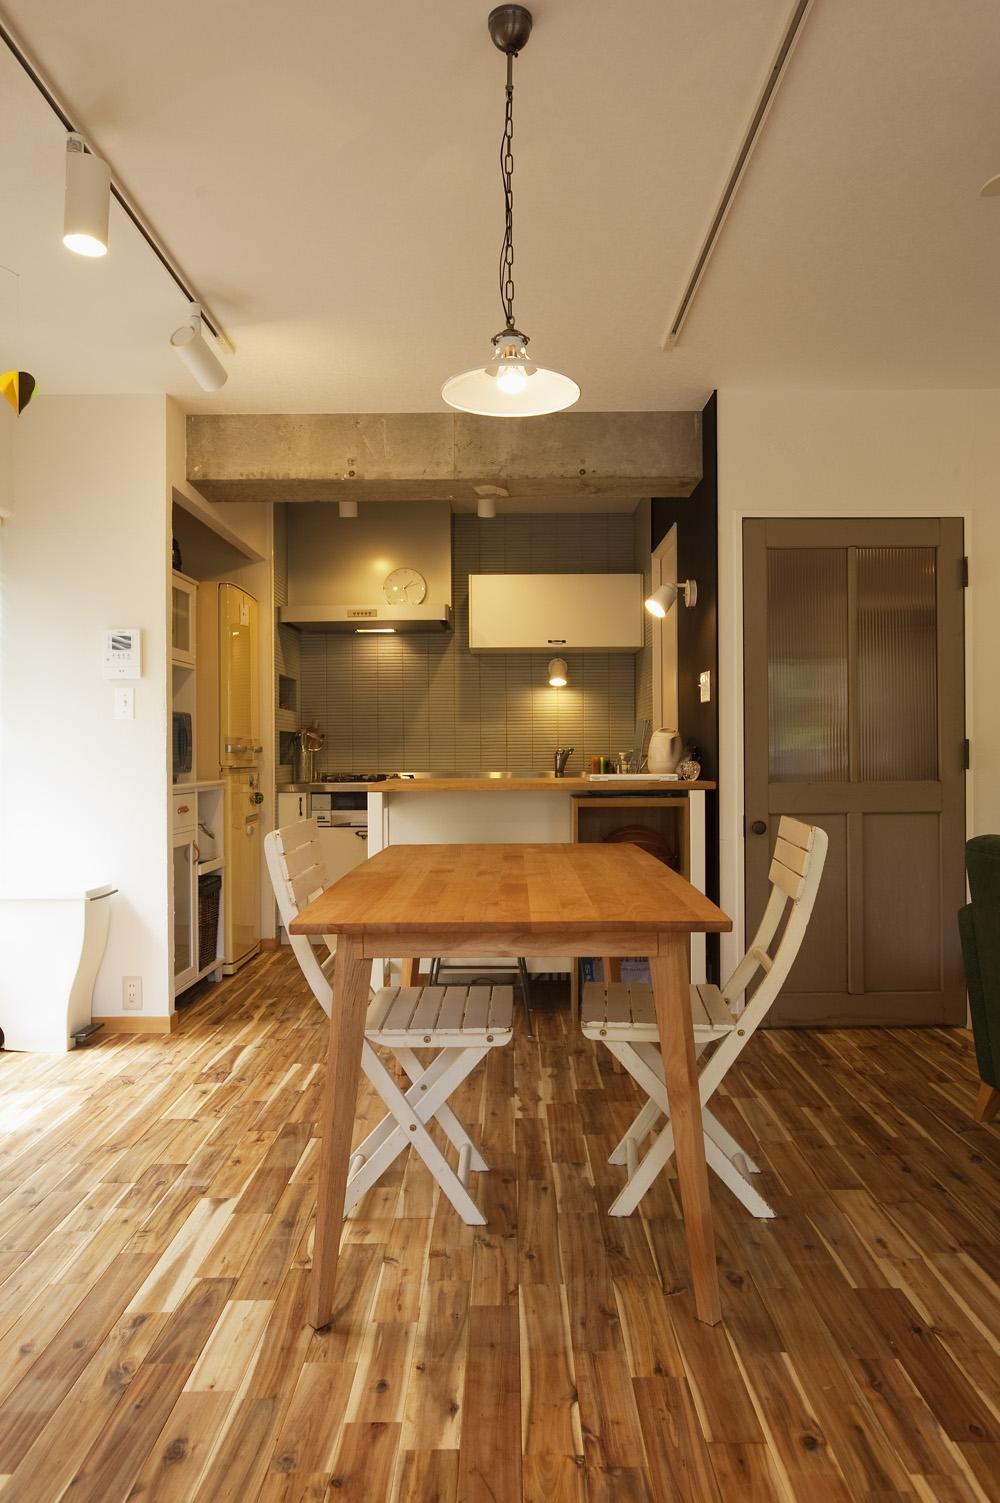 H邸・ハンモックのゆれる、光と風のリビングの部屋 スタイリッシュなダイニングキッチン